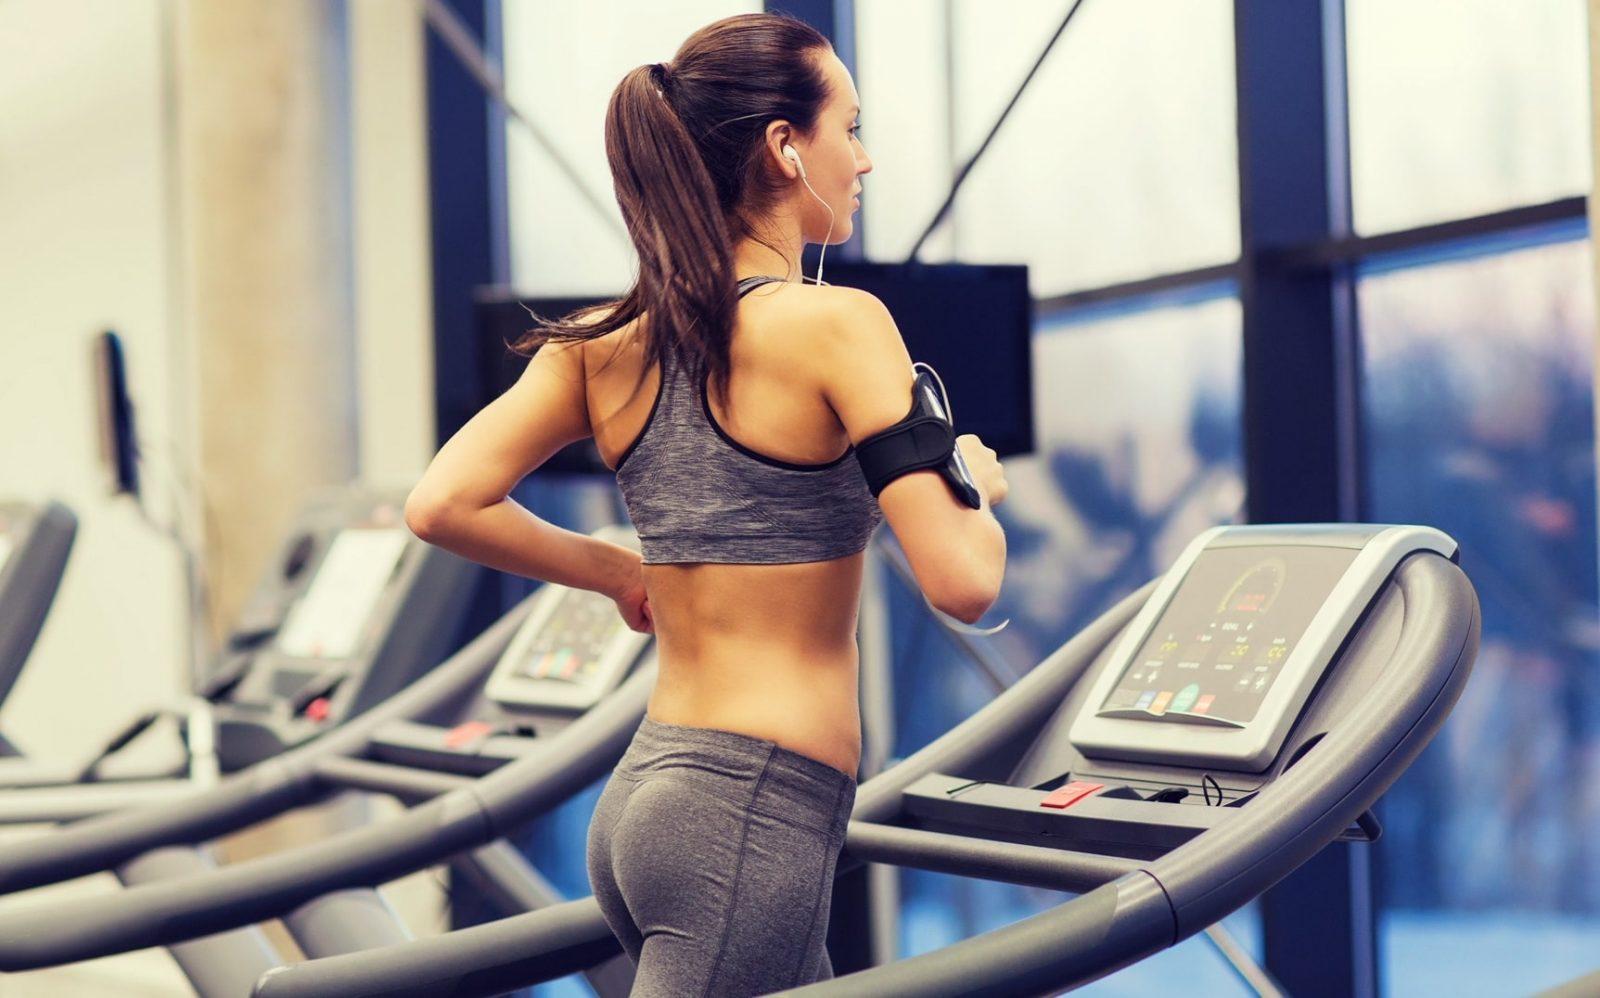 Спортивная девушка в наушниках занимается на беговой дорожке